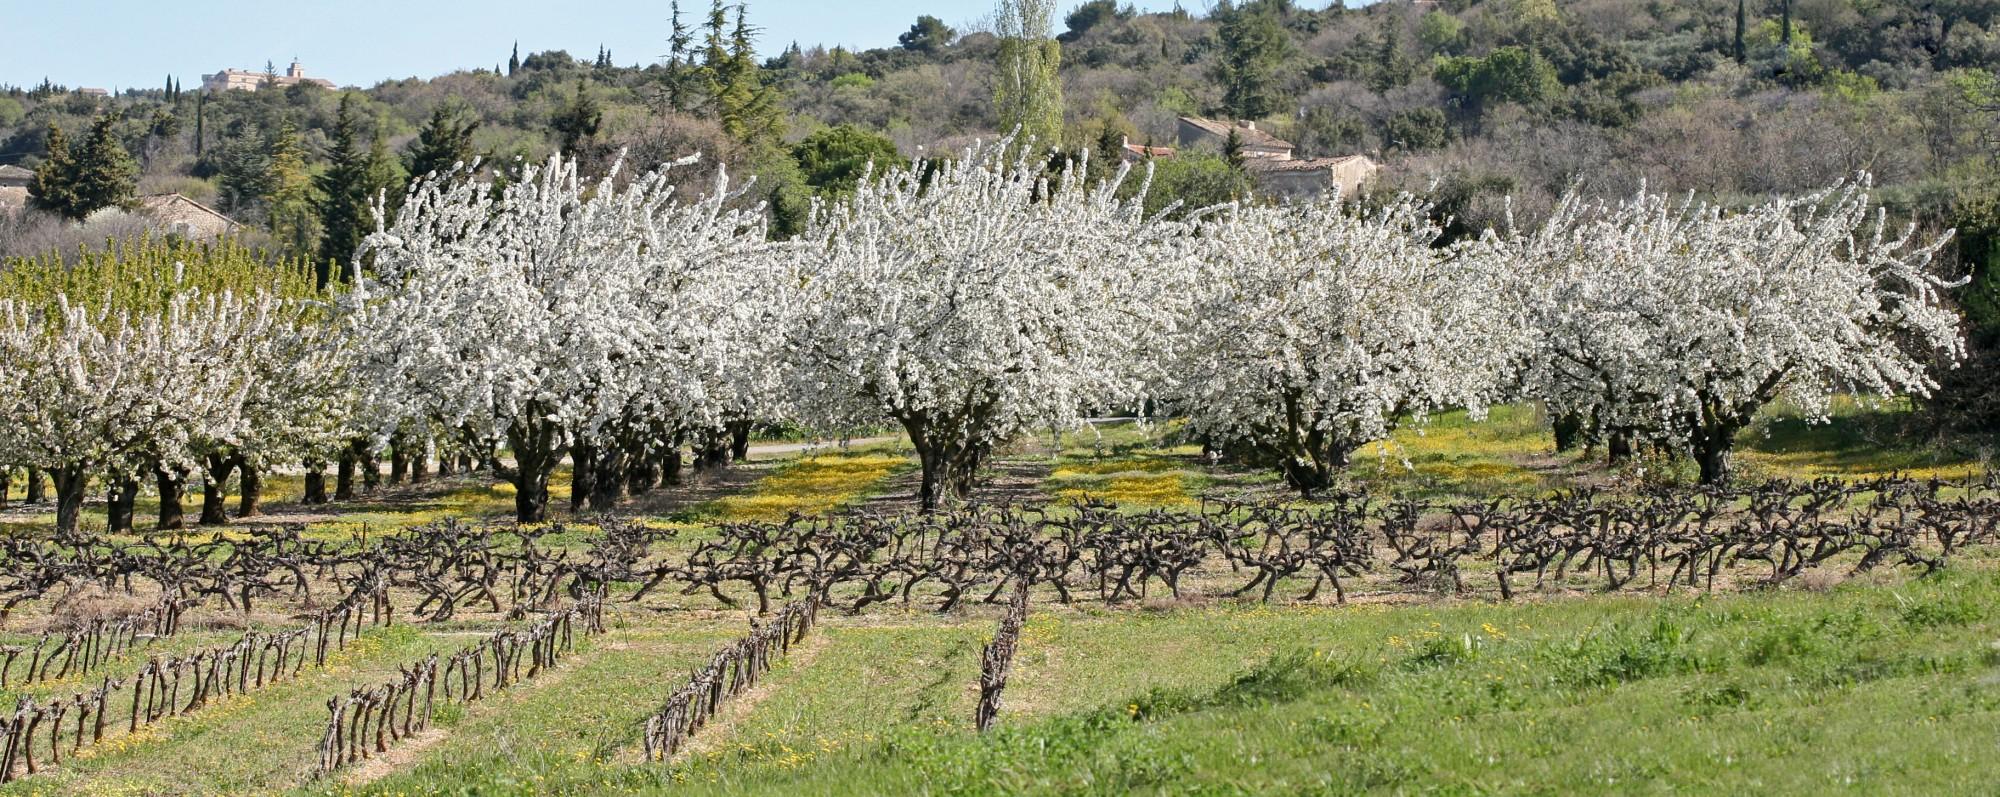 Cerisiers en fleurs à Gordes, Luberon